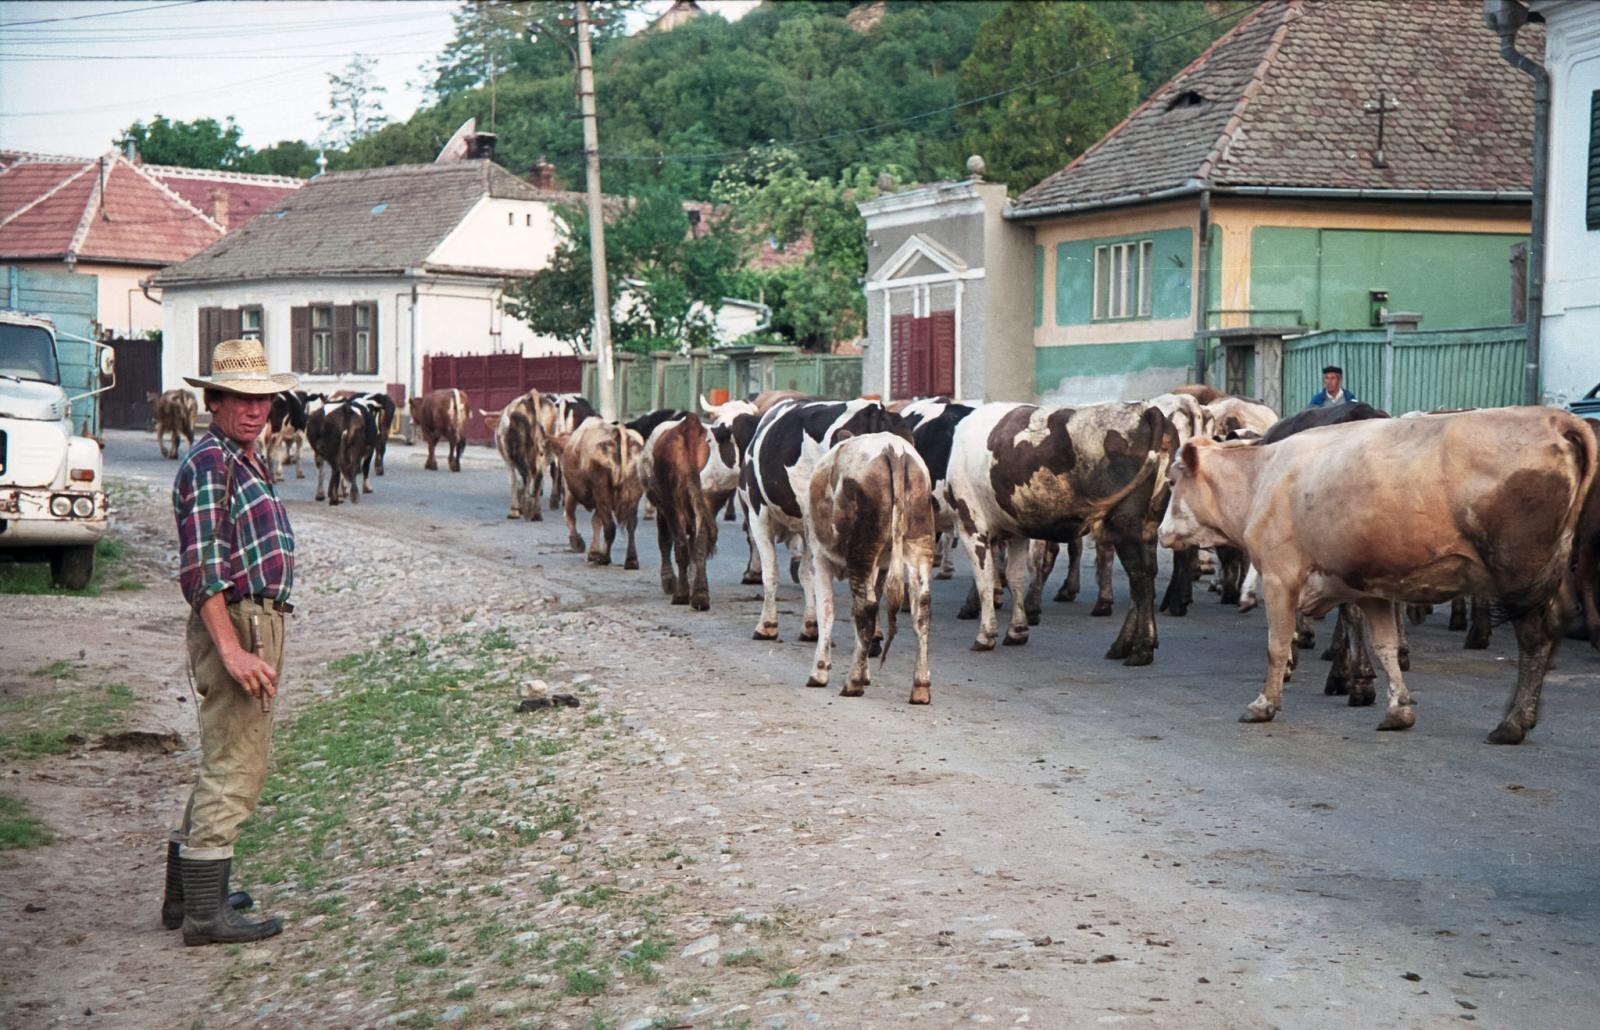 Ciurda de vaci in sat, cireadă, Sibiu